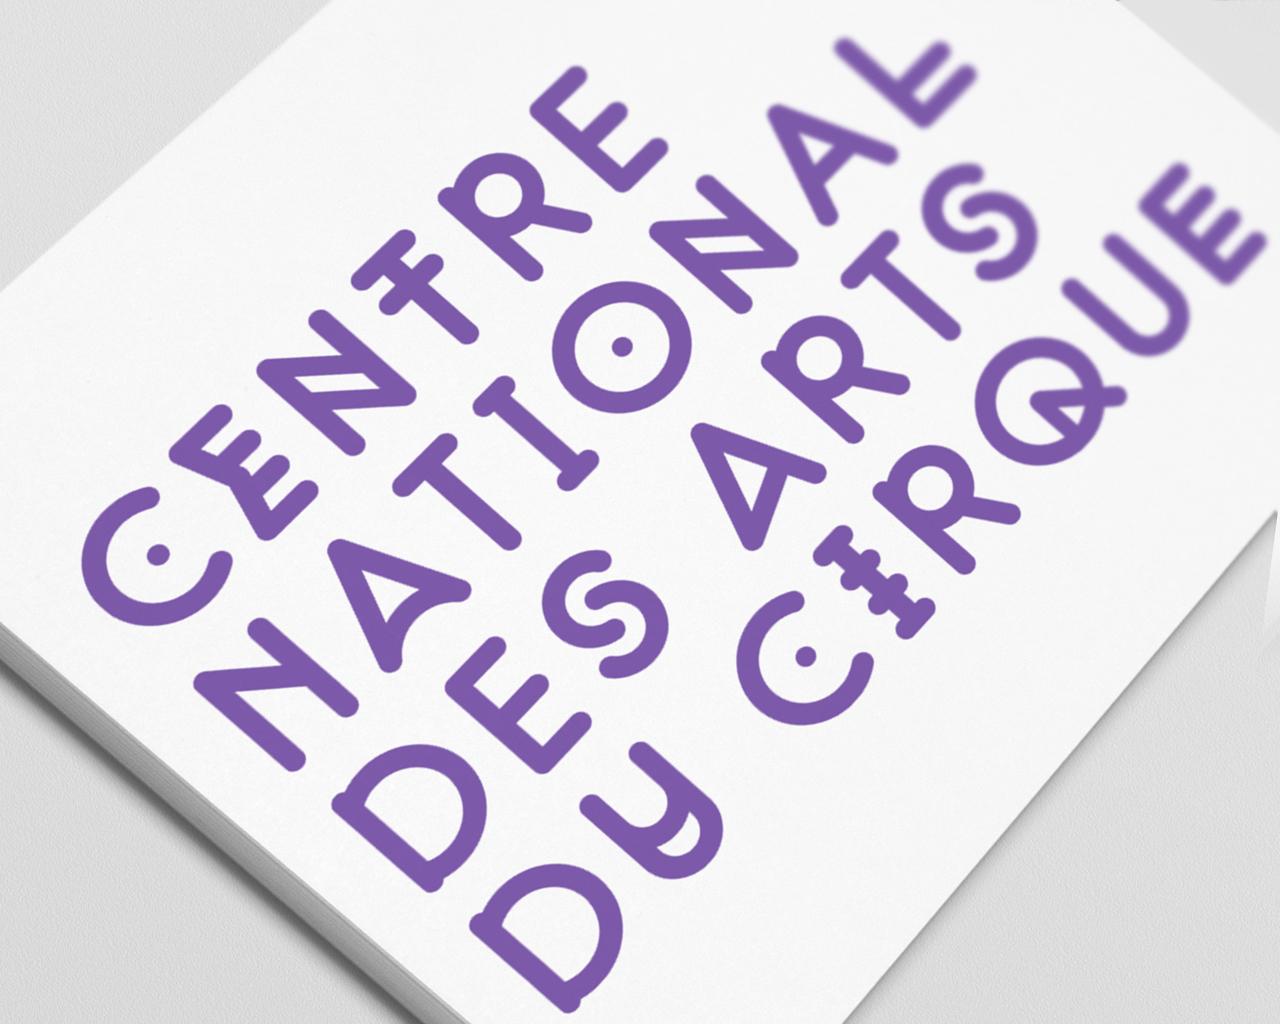 Cnac-Produits_Epicerie-6.jpg